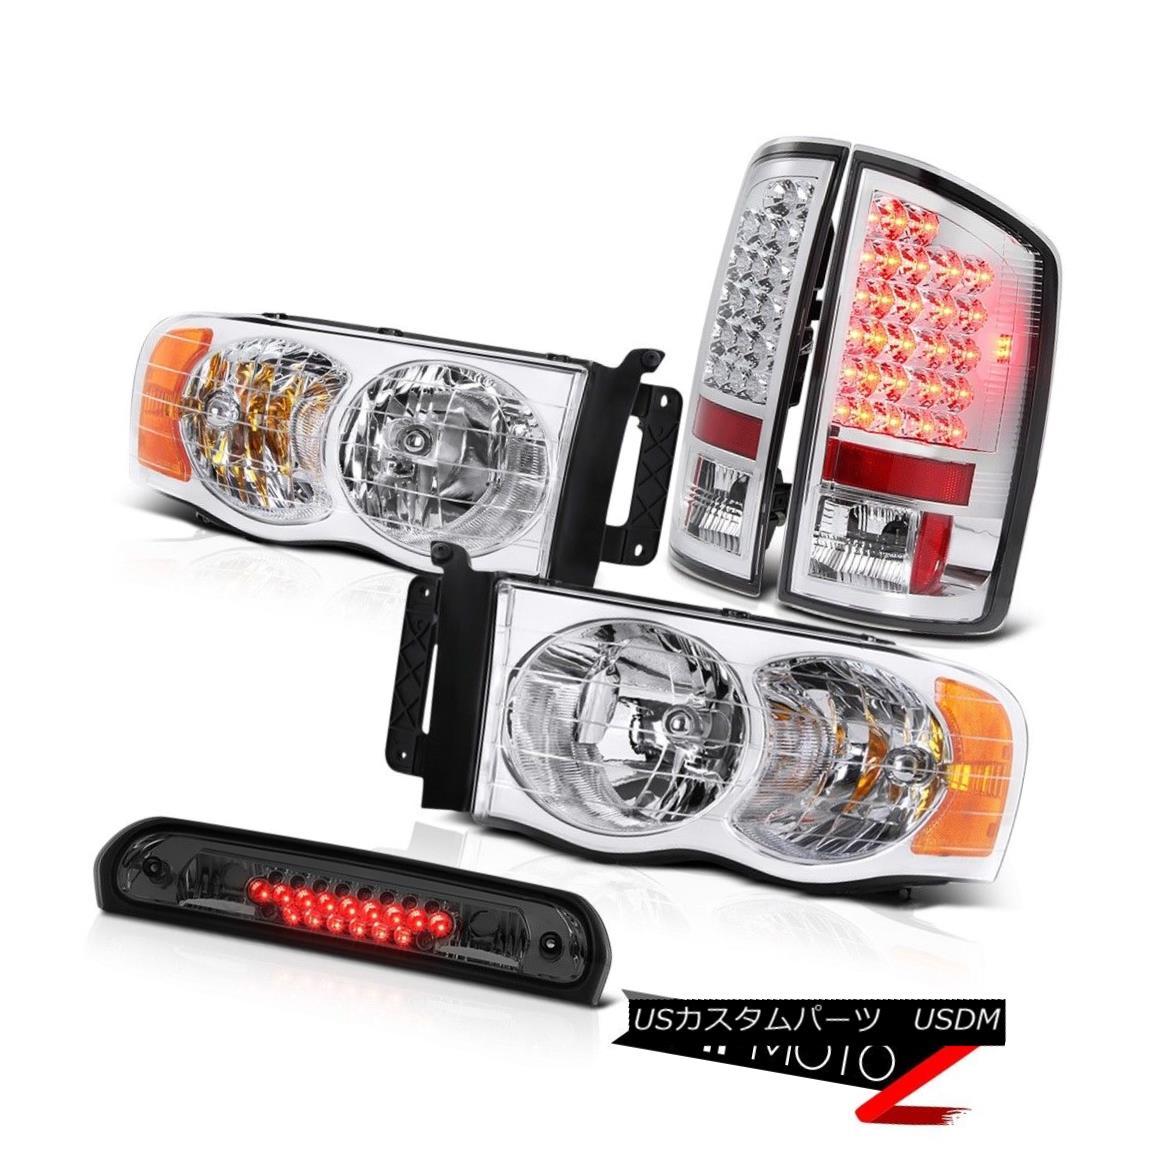 テールライト Pair New Headlights SMD Tail Lights Third Brake LED 02 03 04 05 Ram TurboDiesel ペア新しいヘッドライトSMDテールライト第3ブレーキLED 02 03 04 05 Ram TurboDiesel